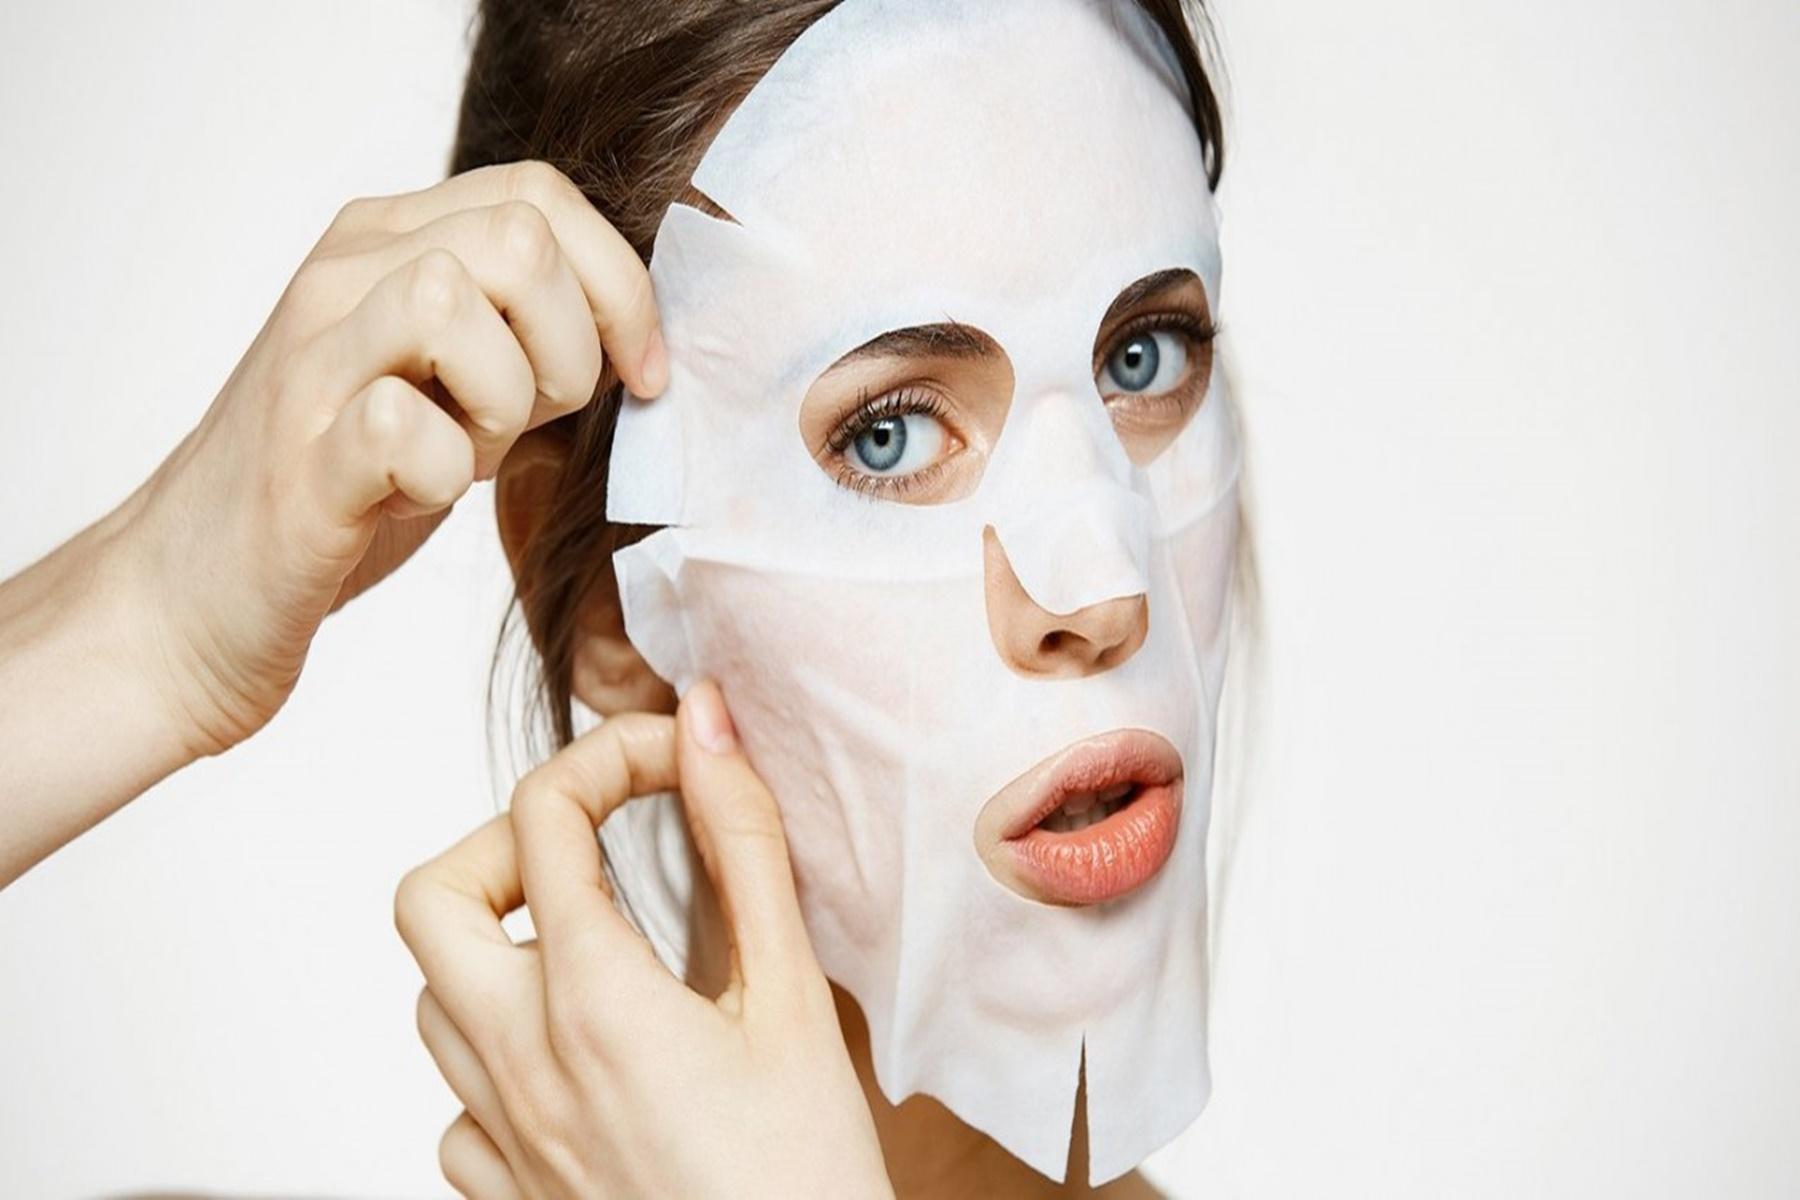 Μάσκες προσώπου : Αποτρέπουν την εξάπλωση των ιών